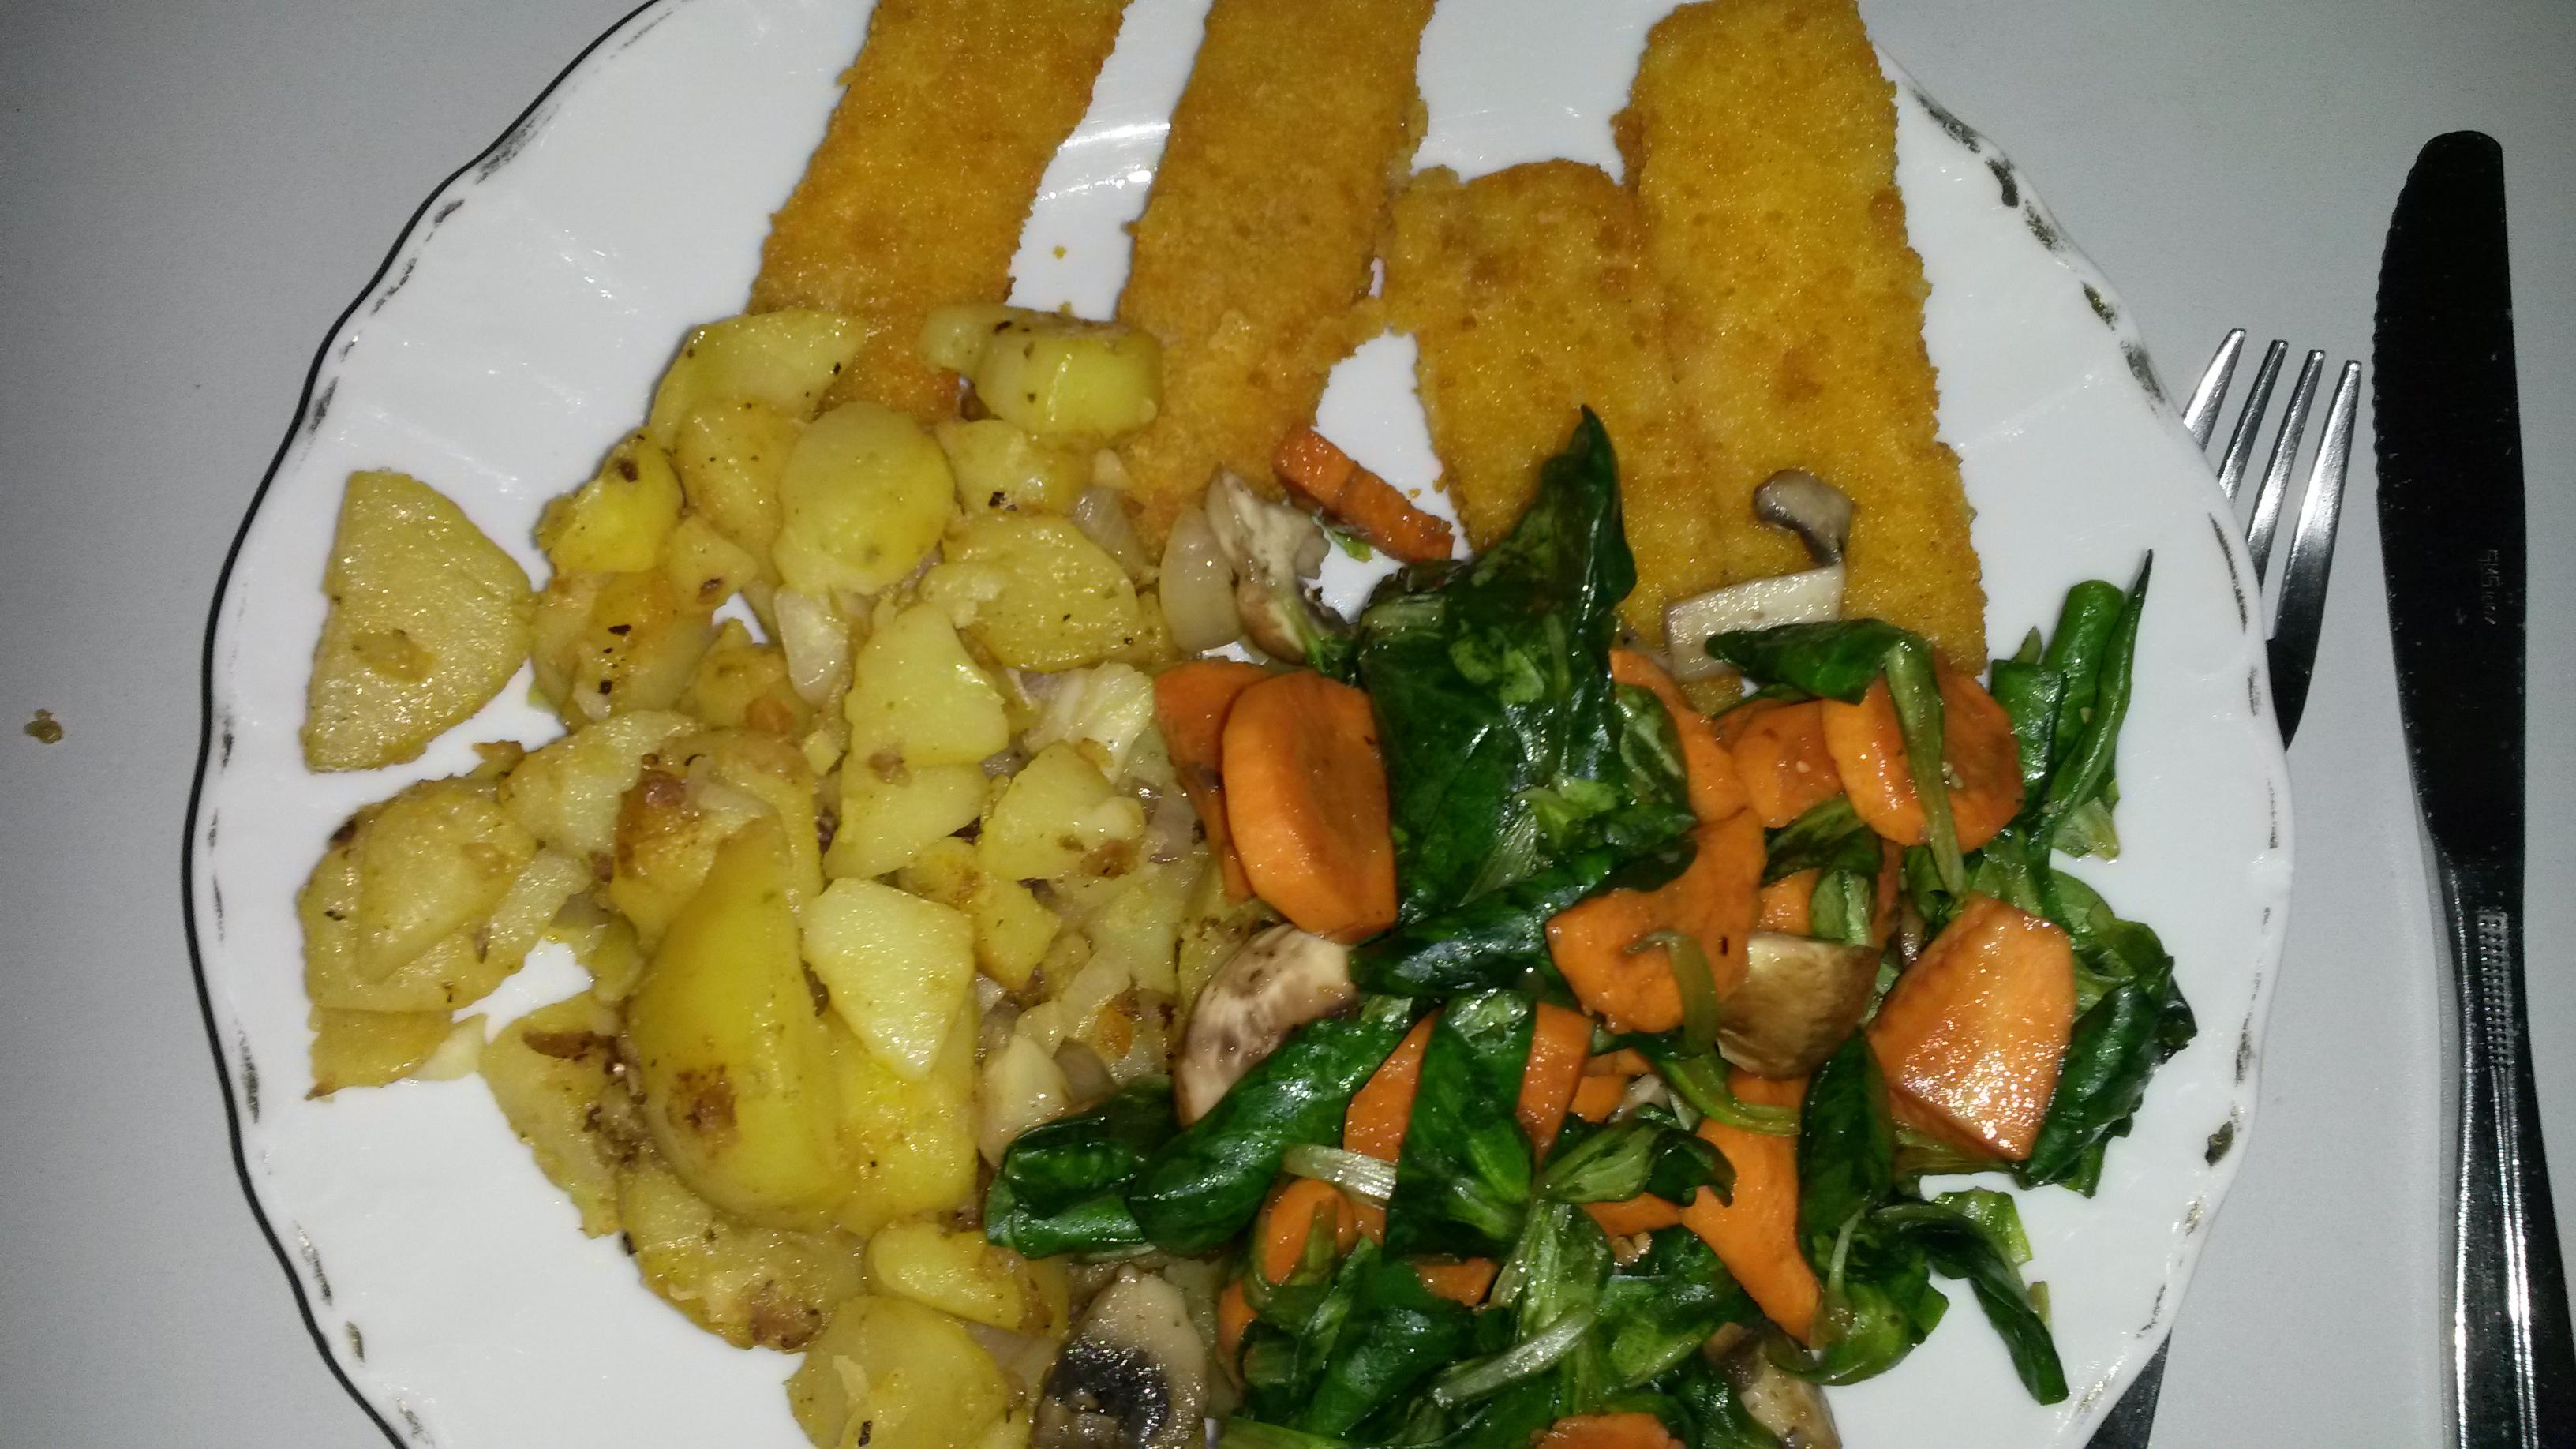 https://foodloader.net/sk0r_2014-01-19_Fischstaebchen_mit_Bratkartoffeln_und_Salat.jpg